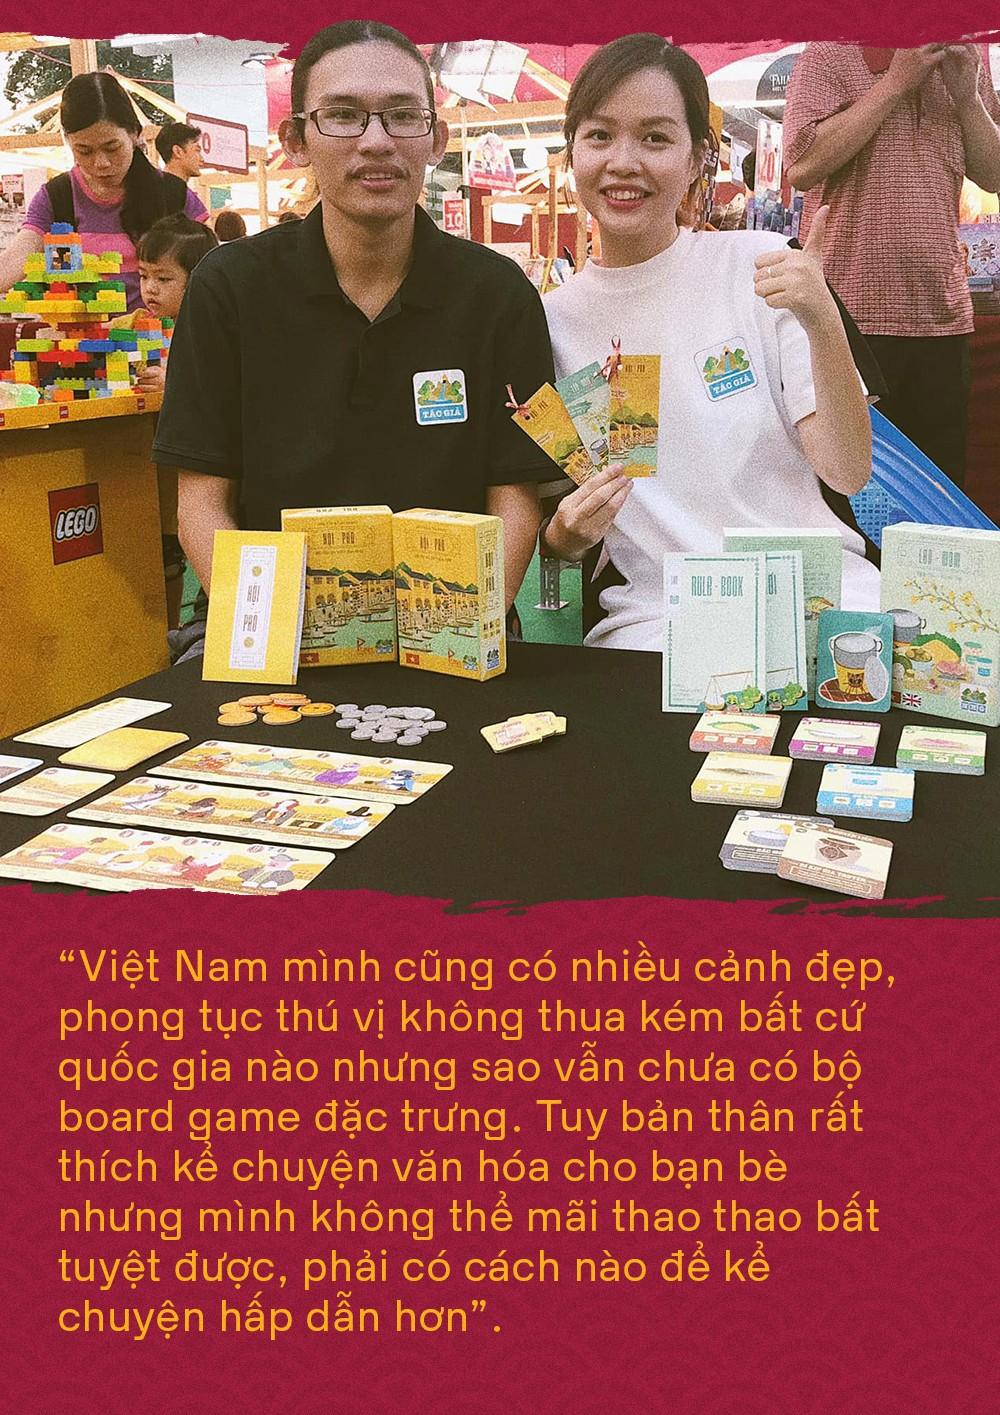 Gặp Tuệ Mẫn & Thiện Toàn - hai người trẻ mang board game Việt chinh phục thế giới ảnh 2